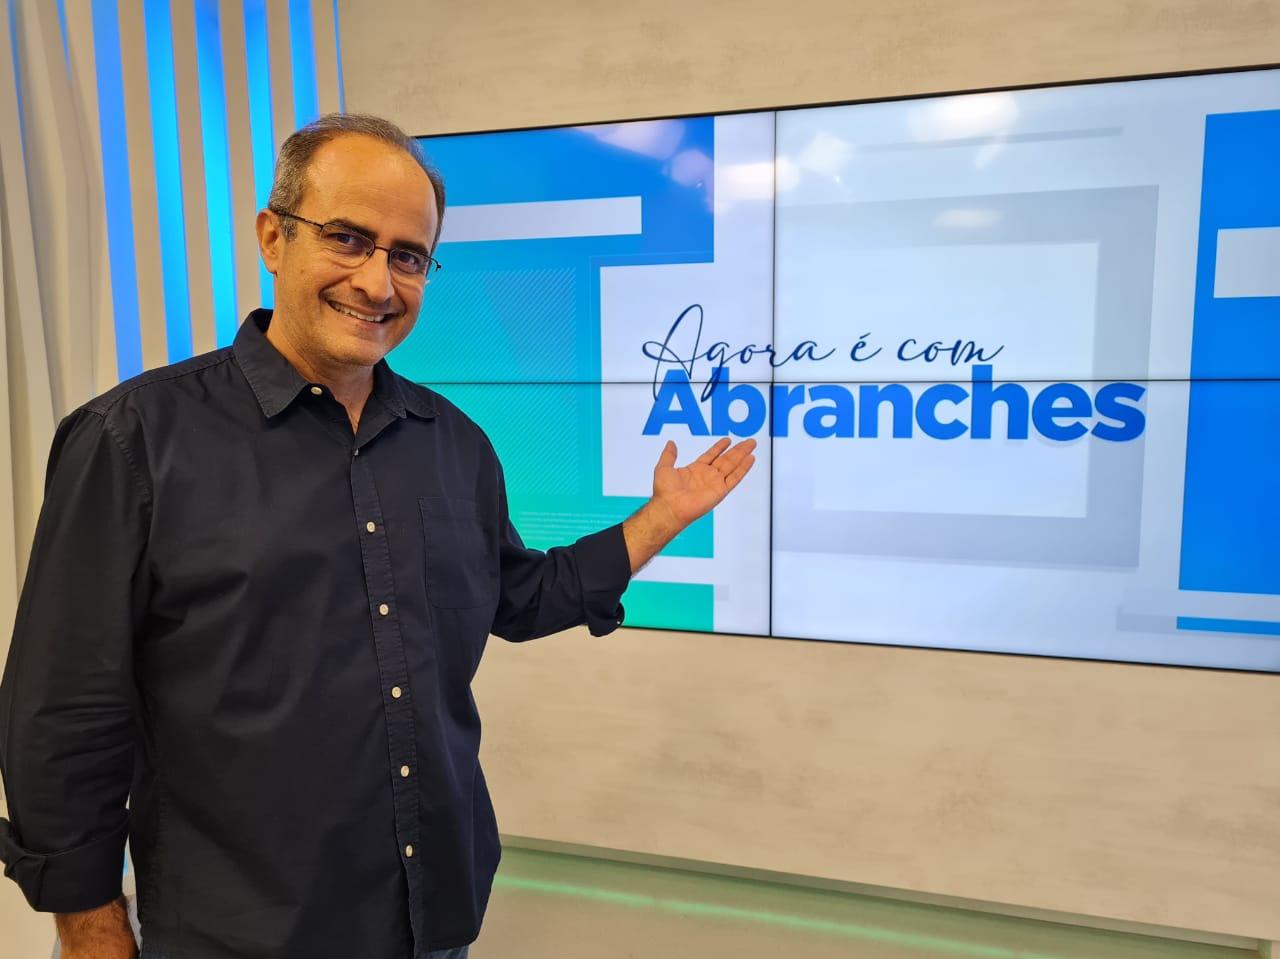 """Carlos Abranches comandará """"Agora é com Abranches"""" a partir de 12 de junho na TV Band Vale"""